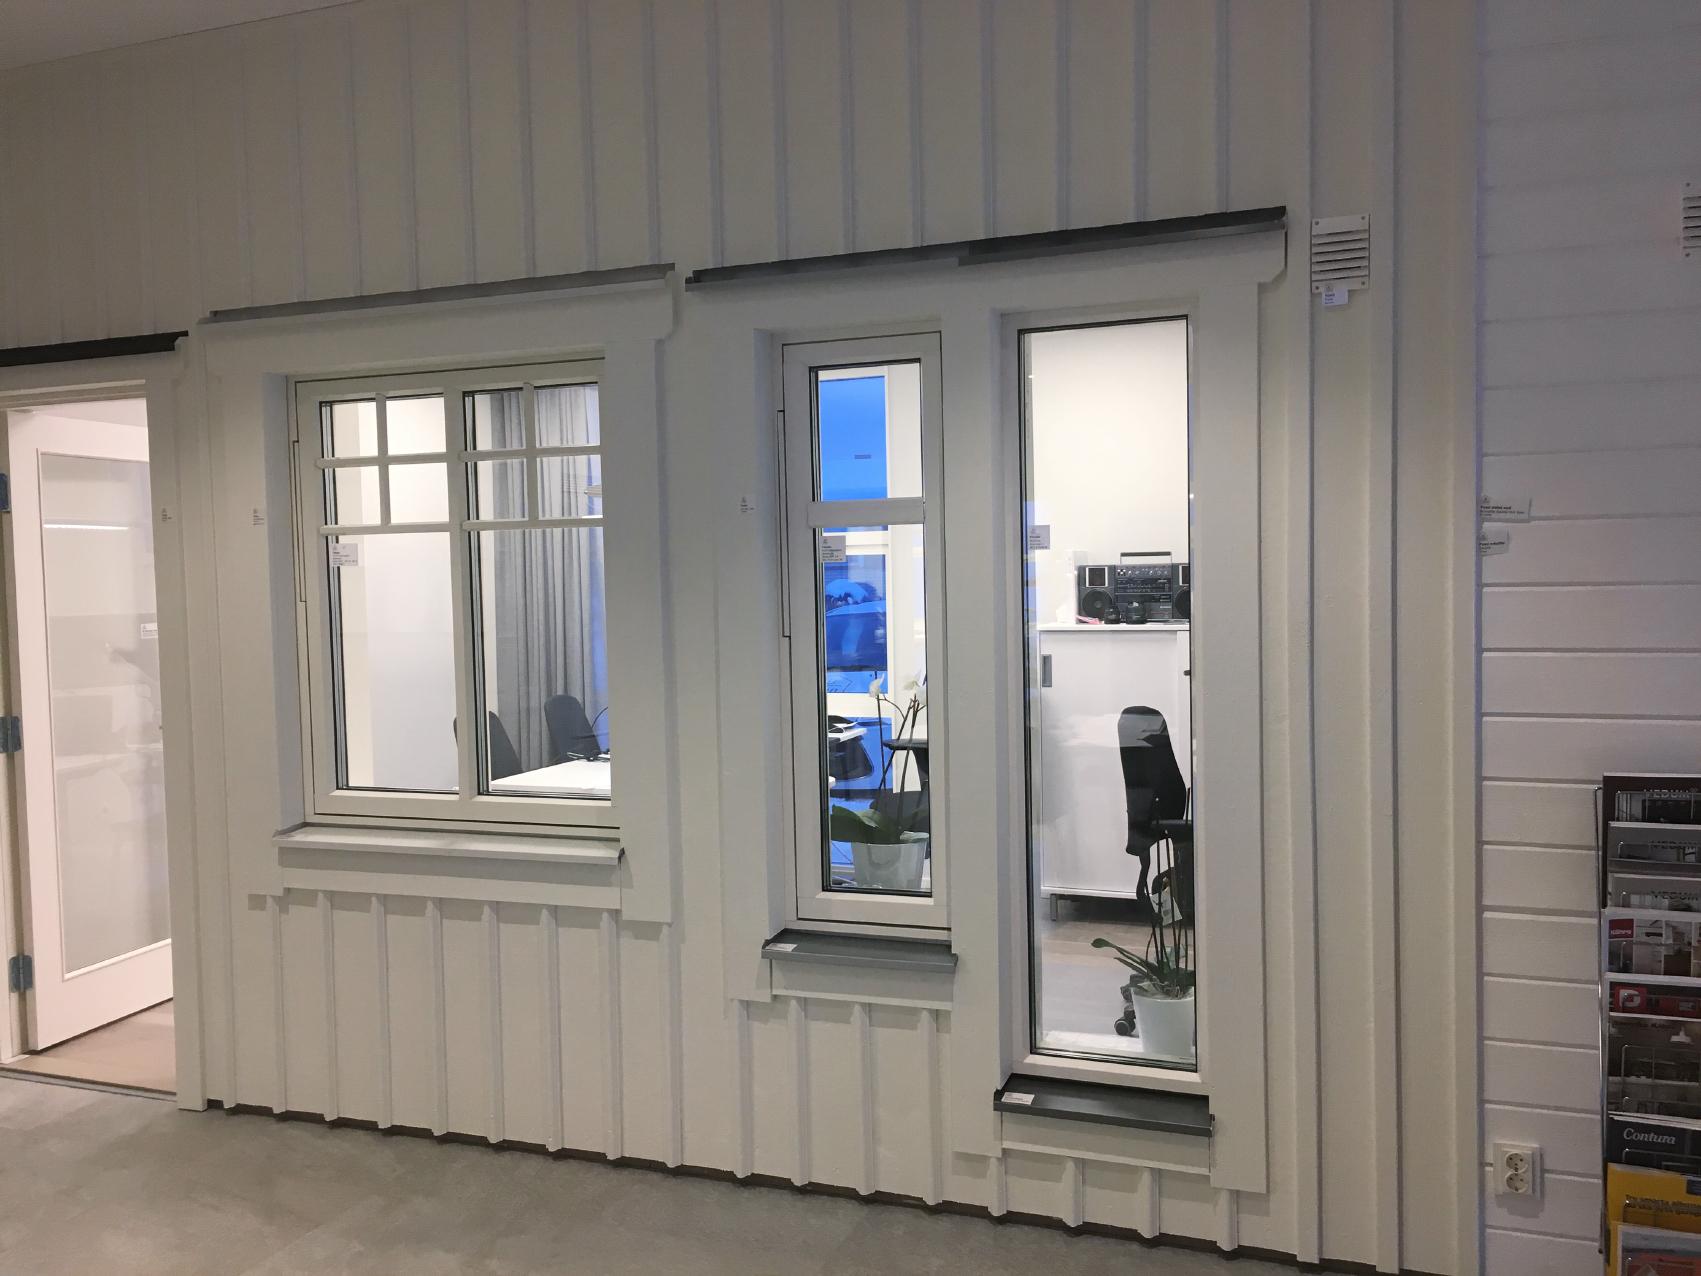 """Till höger i bild ser ni hur vår liggande panel kommer att se ut och till vänster hur våra fönsterfoder kommer se ut. Vi har dock inte bestämt spröjs ännu. Och inte heller om vi ska ha ett litet """"tak"""" ovanför varje fönster. Fönsterblecket kommer att bli silver eller grå, helt enkelt för att smutsen ska synas så lite som möjligt. Stuprännorna kommer vara i samma färg som fönsterblecken."""